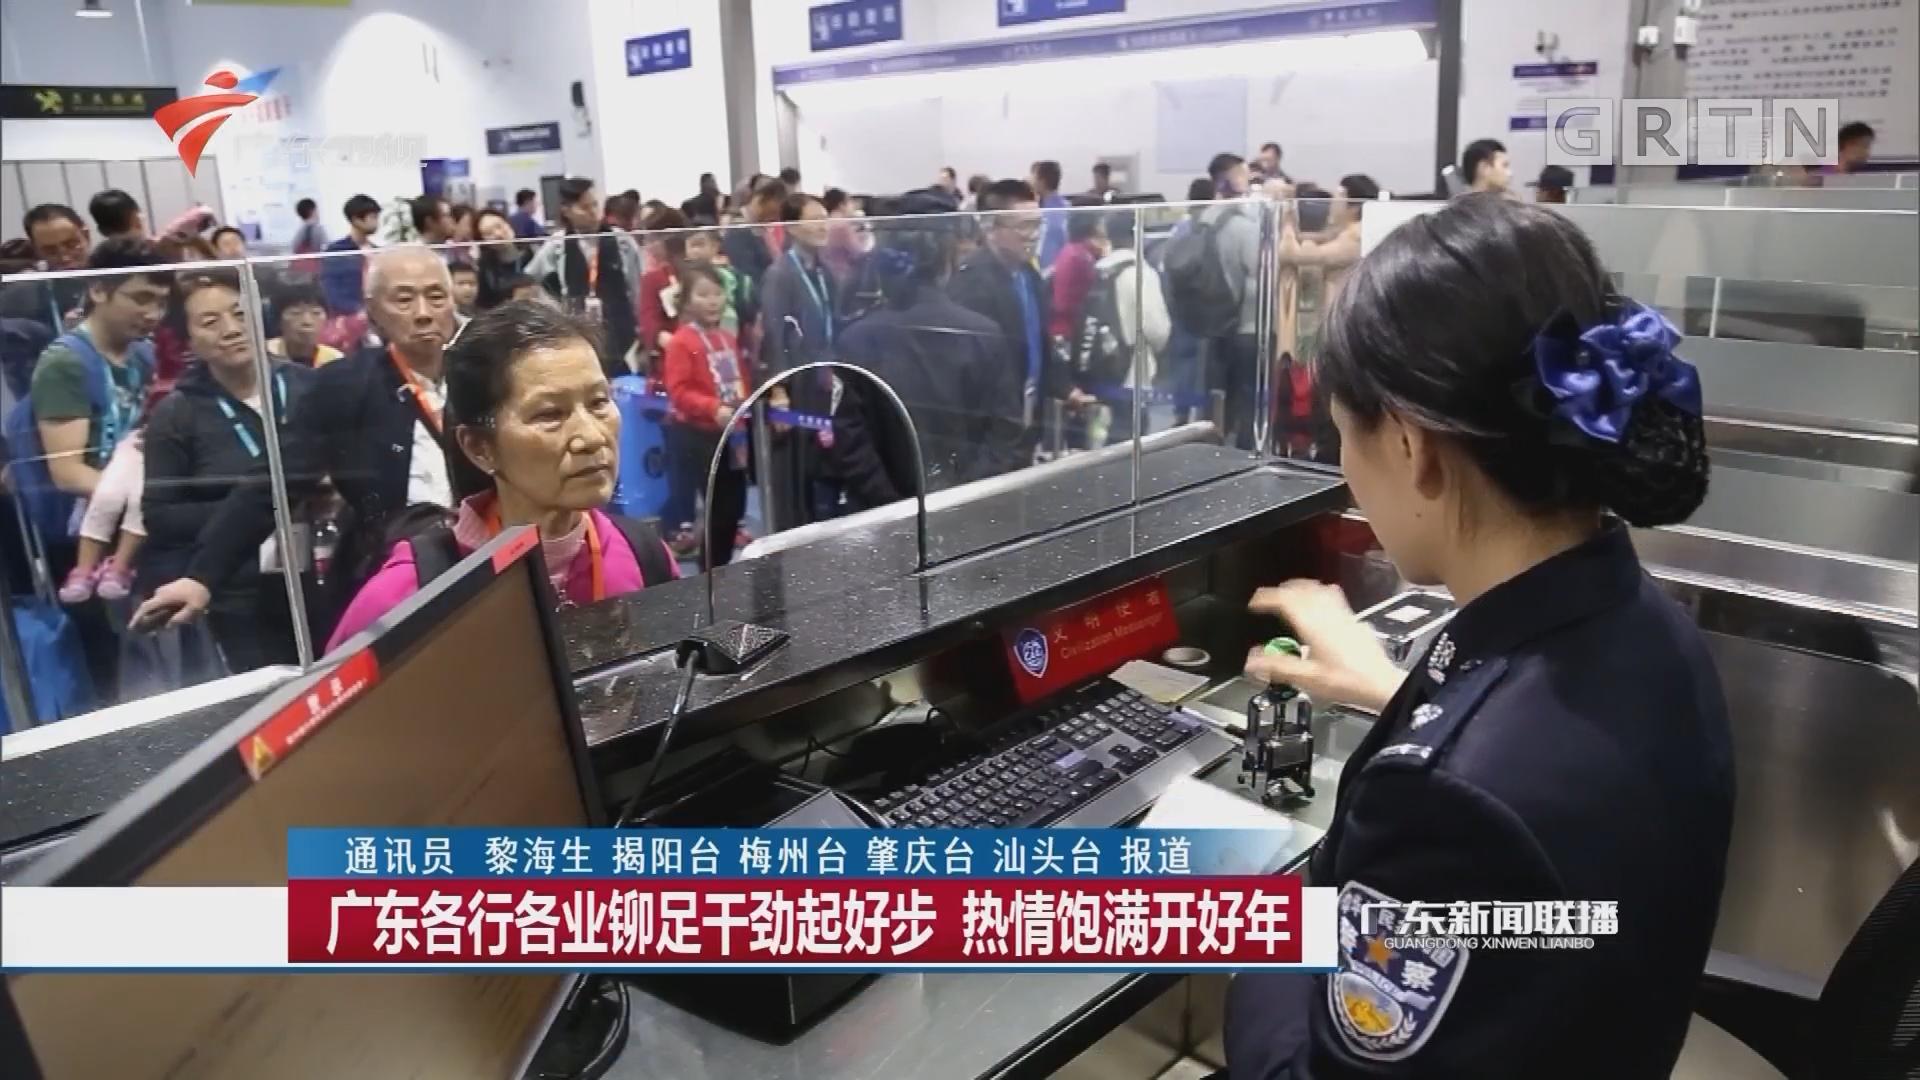 广东各行各业铆足干劲起好步 热情饱满开好年